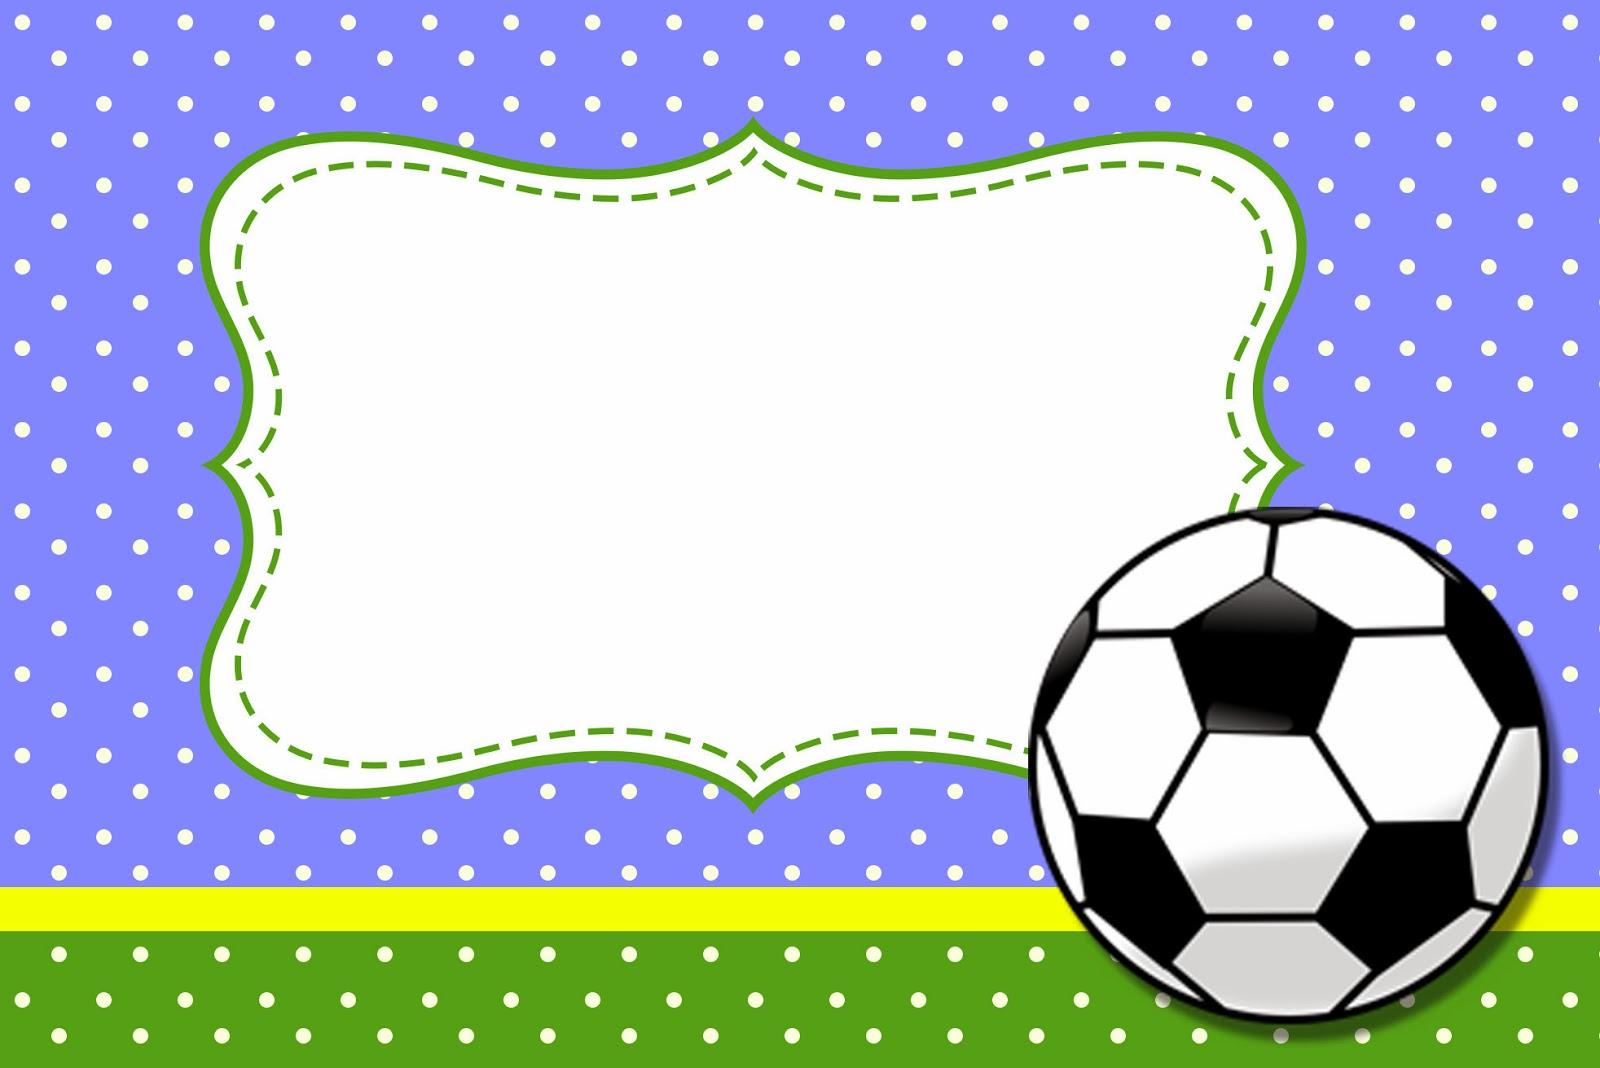 Fútbol: Tarjetas o Invitaciones para Imprimir Gratis. | Ideas y ...